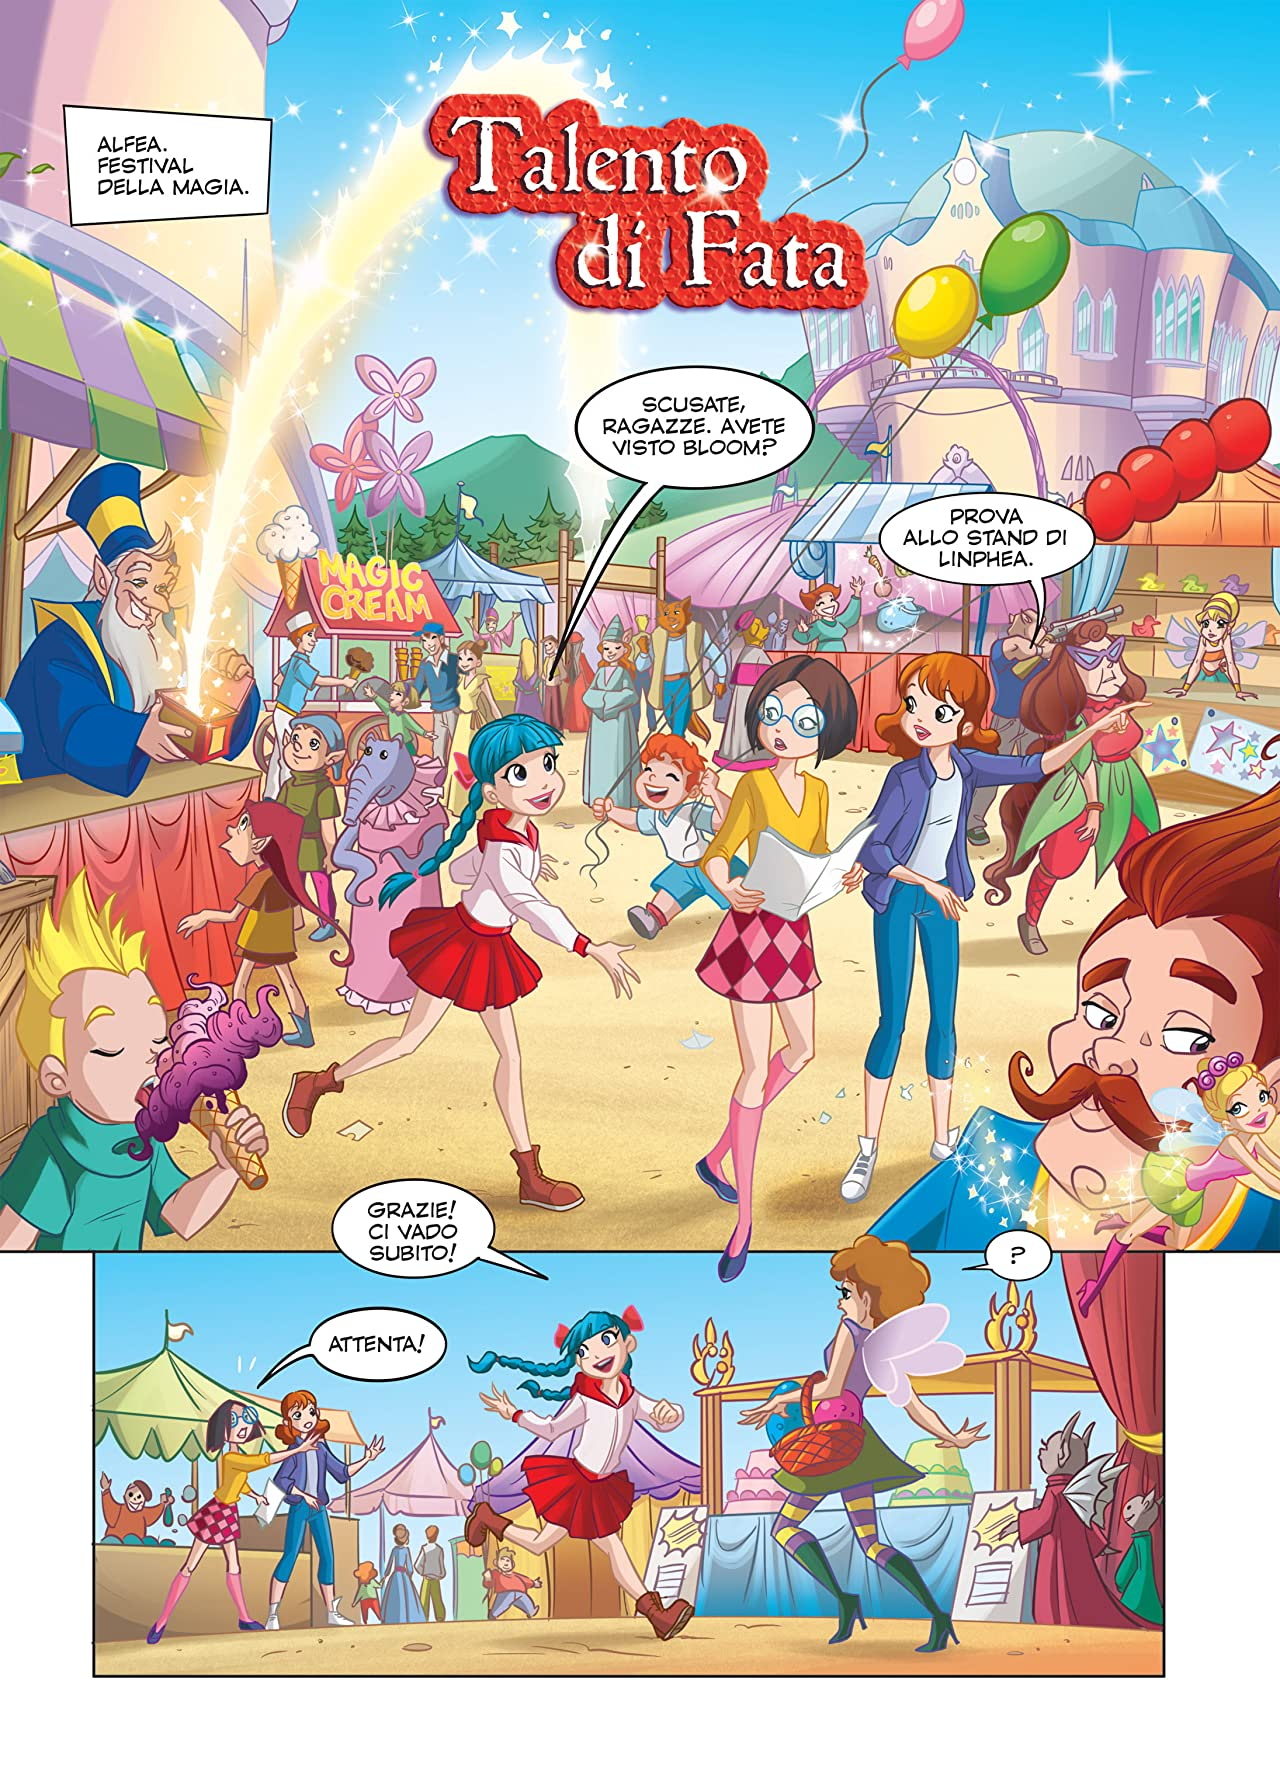 Winx Club Magazine #114: Talento di fata